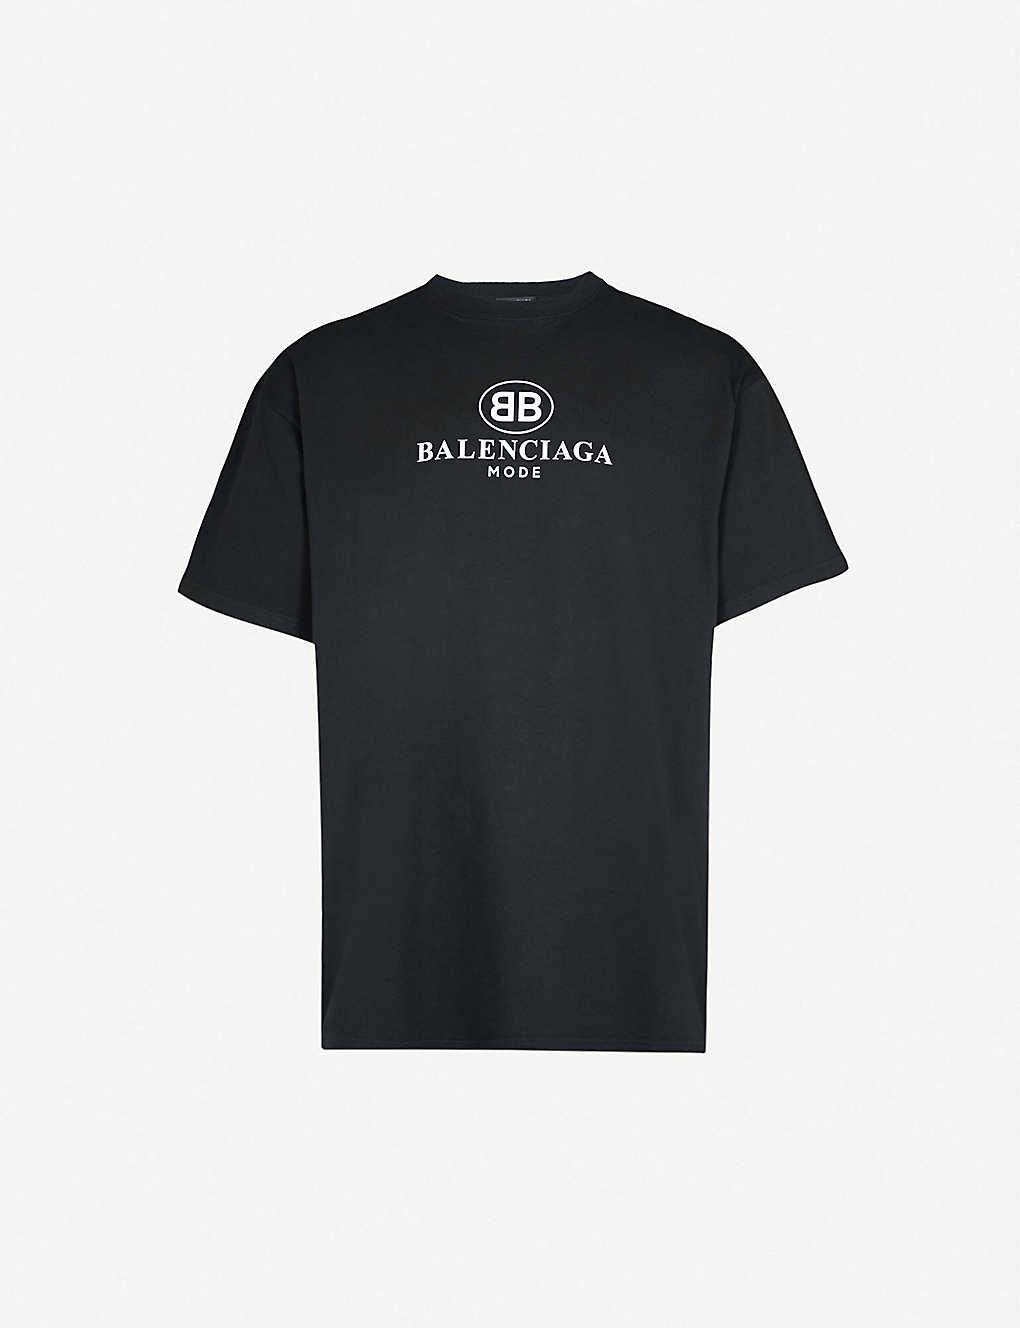 d57d7e74 BALENCIAGA - BB Mode-print cotton-jersey T-shirt   Selfridges.com